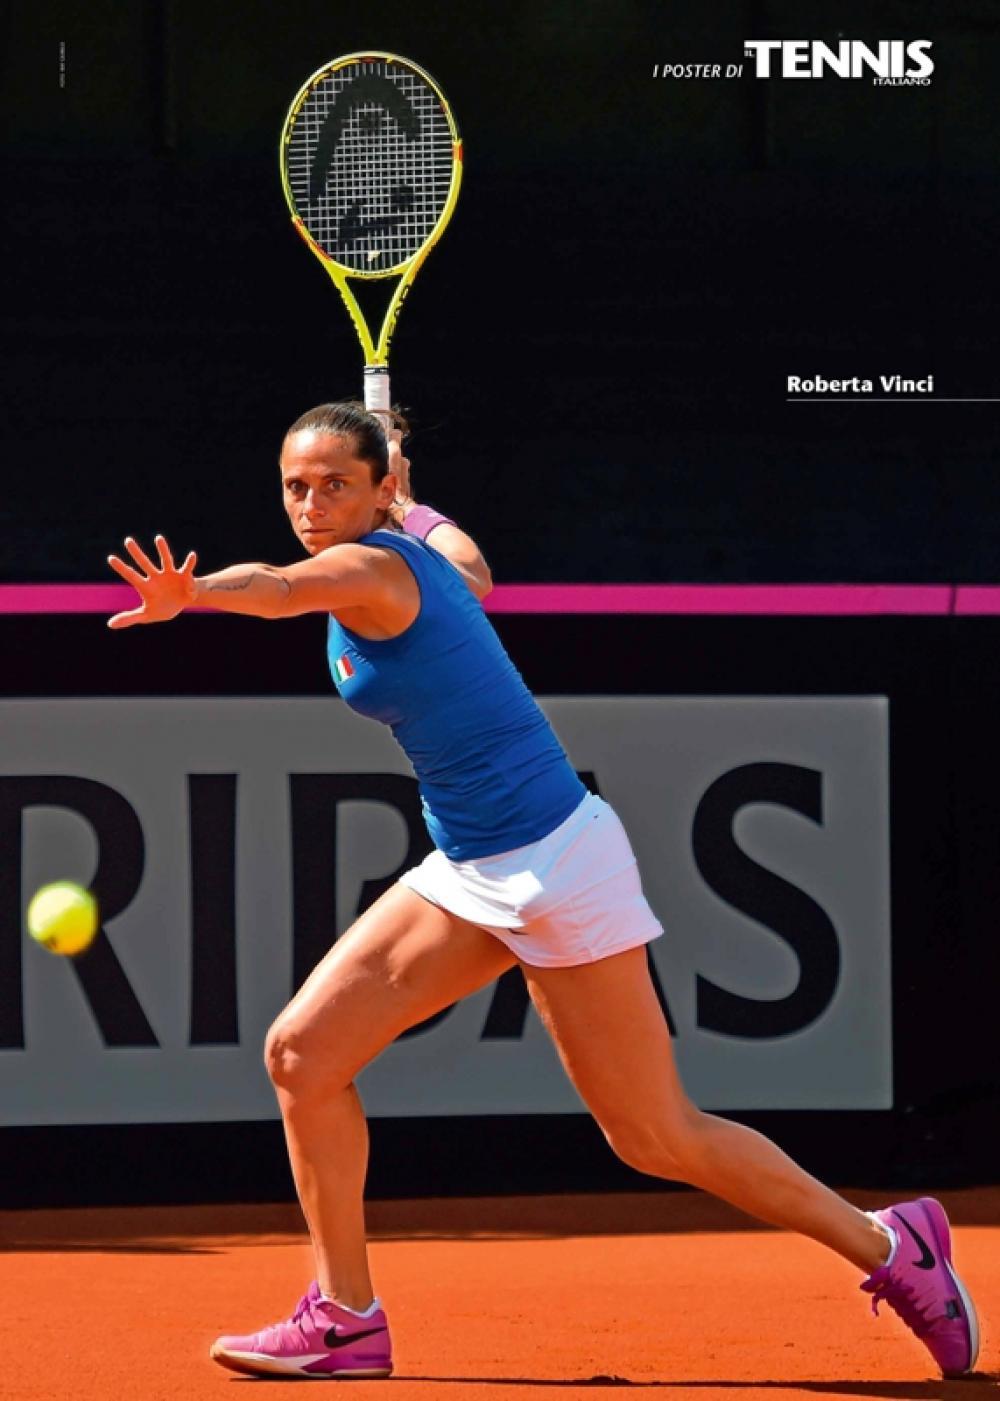 """Il venticinquesimo poster allegato al numero di maggio 2016 de """"Il Tennis Italiano"""" è dedicato a Roberta VinciIl Tennis Italiano. Selezione di Max Grassi.Diritti riservati."""